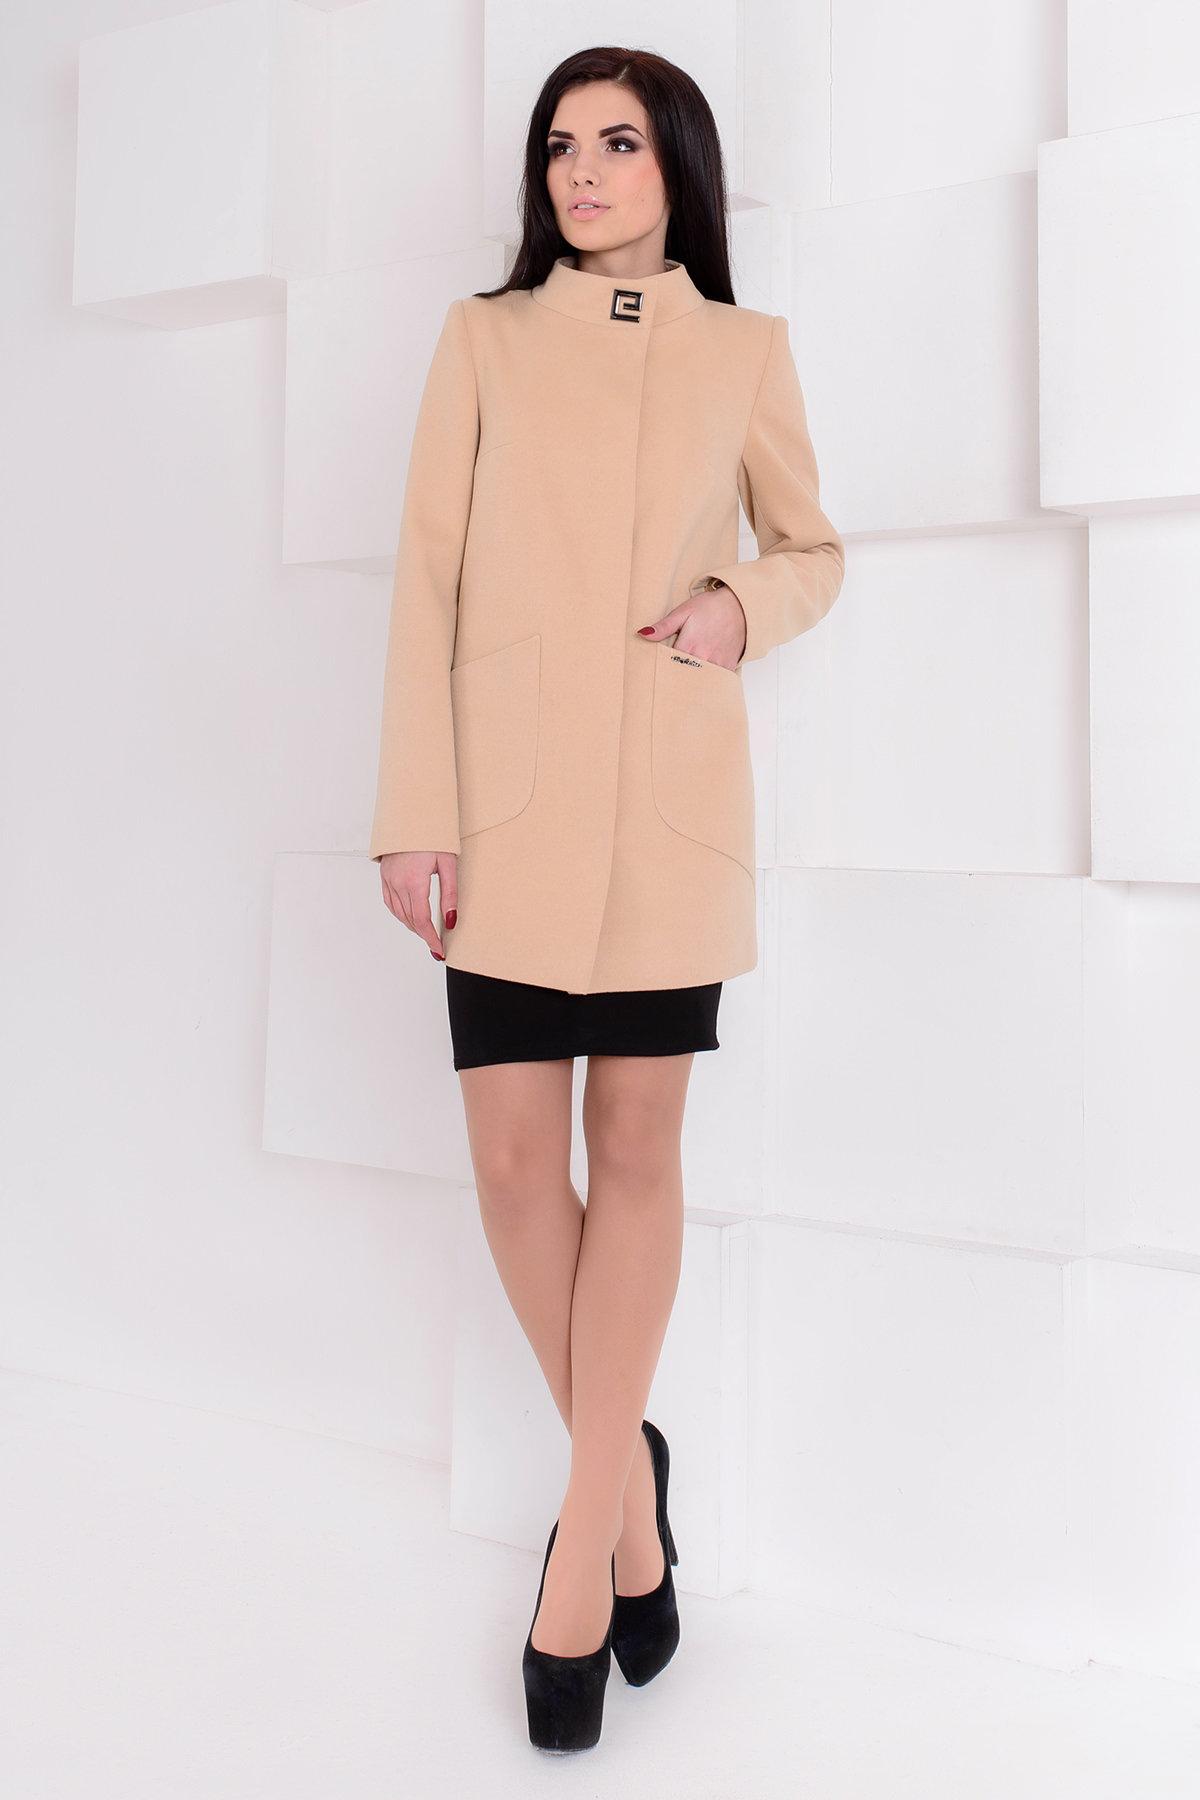 Купить пальто в Украине оптом Пальто Мирта 1576 47c3fa40354ce